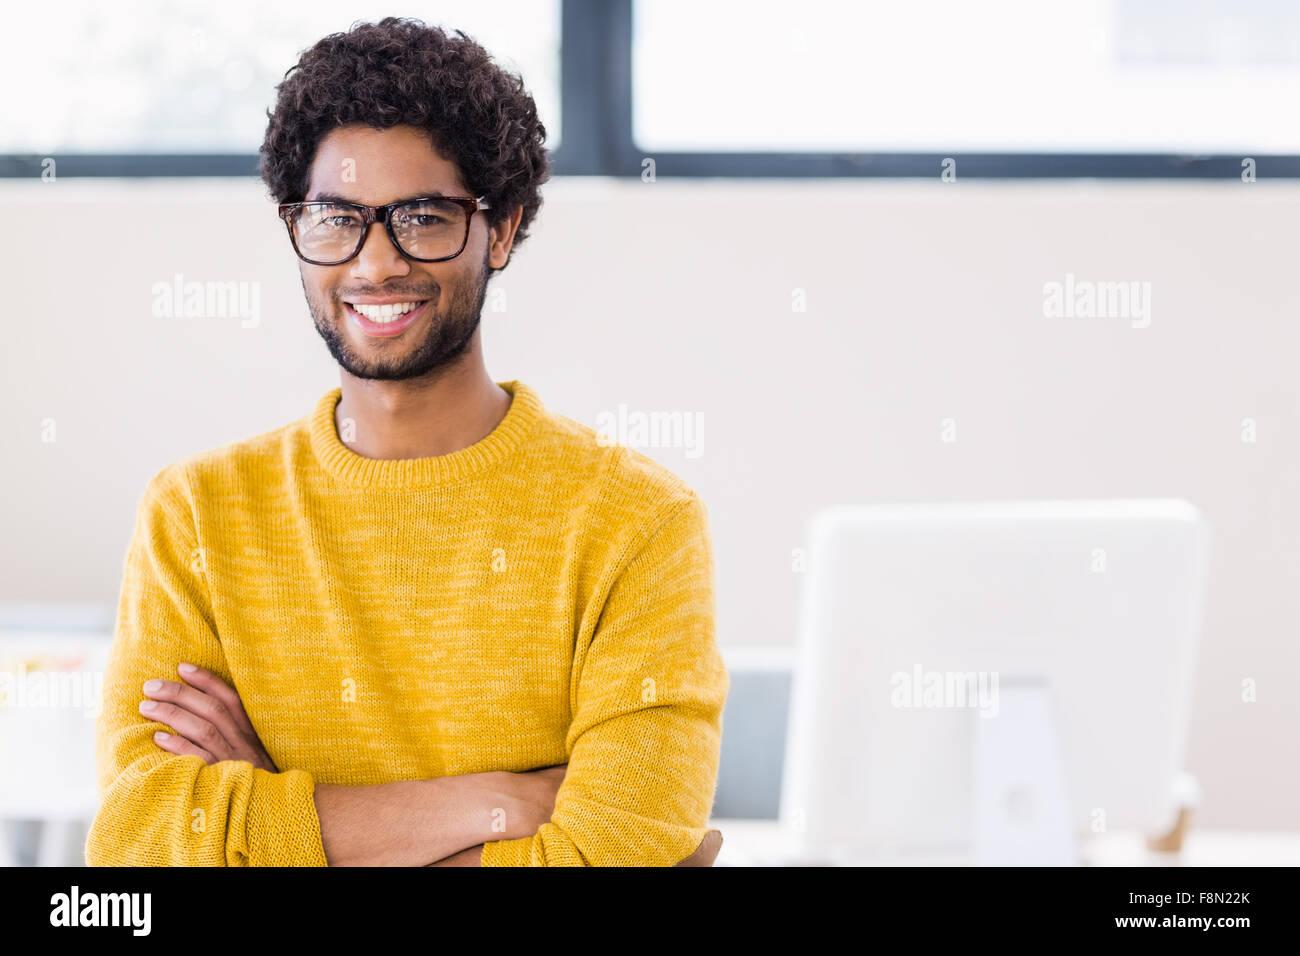 Porträt von attraktiven Mann lächelnd in die Kamera Stockbild